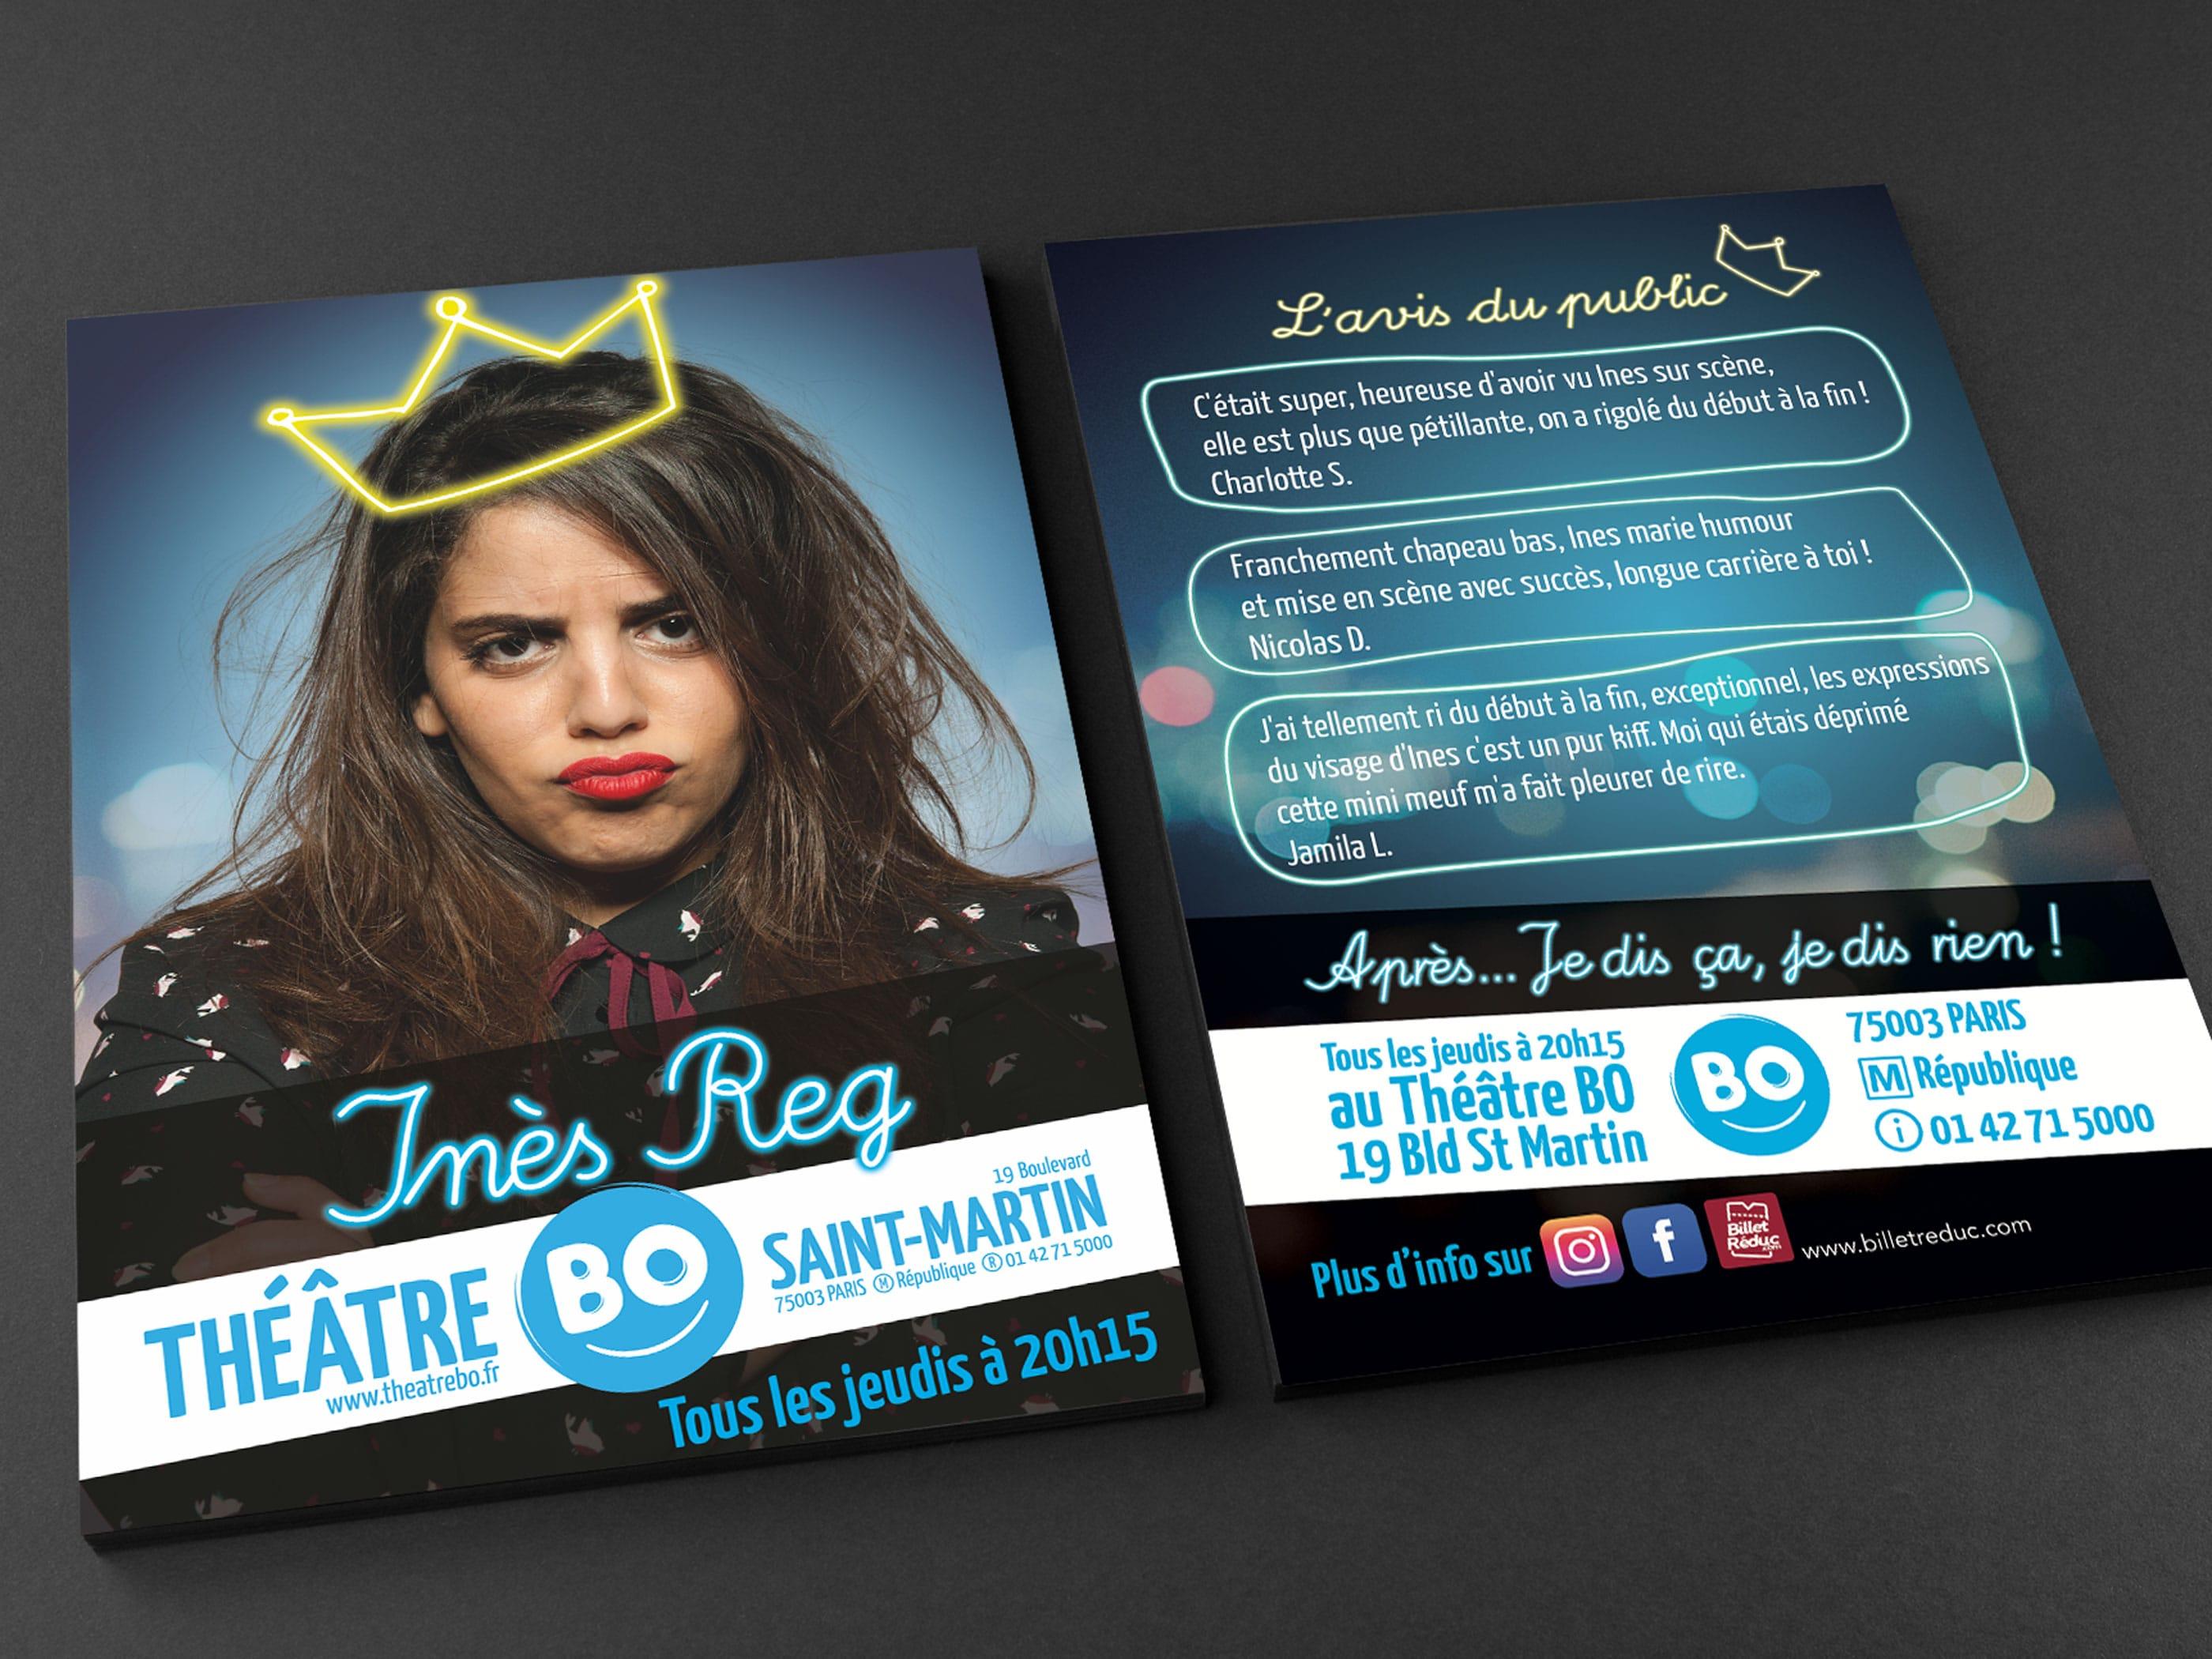 image du flyer du spectacle d'Inès Reg du jamel comedy club